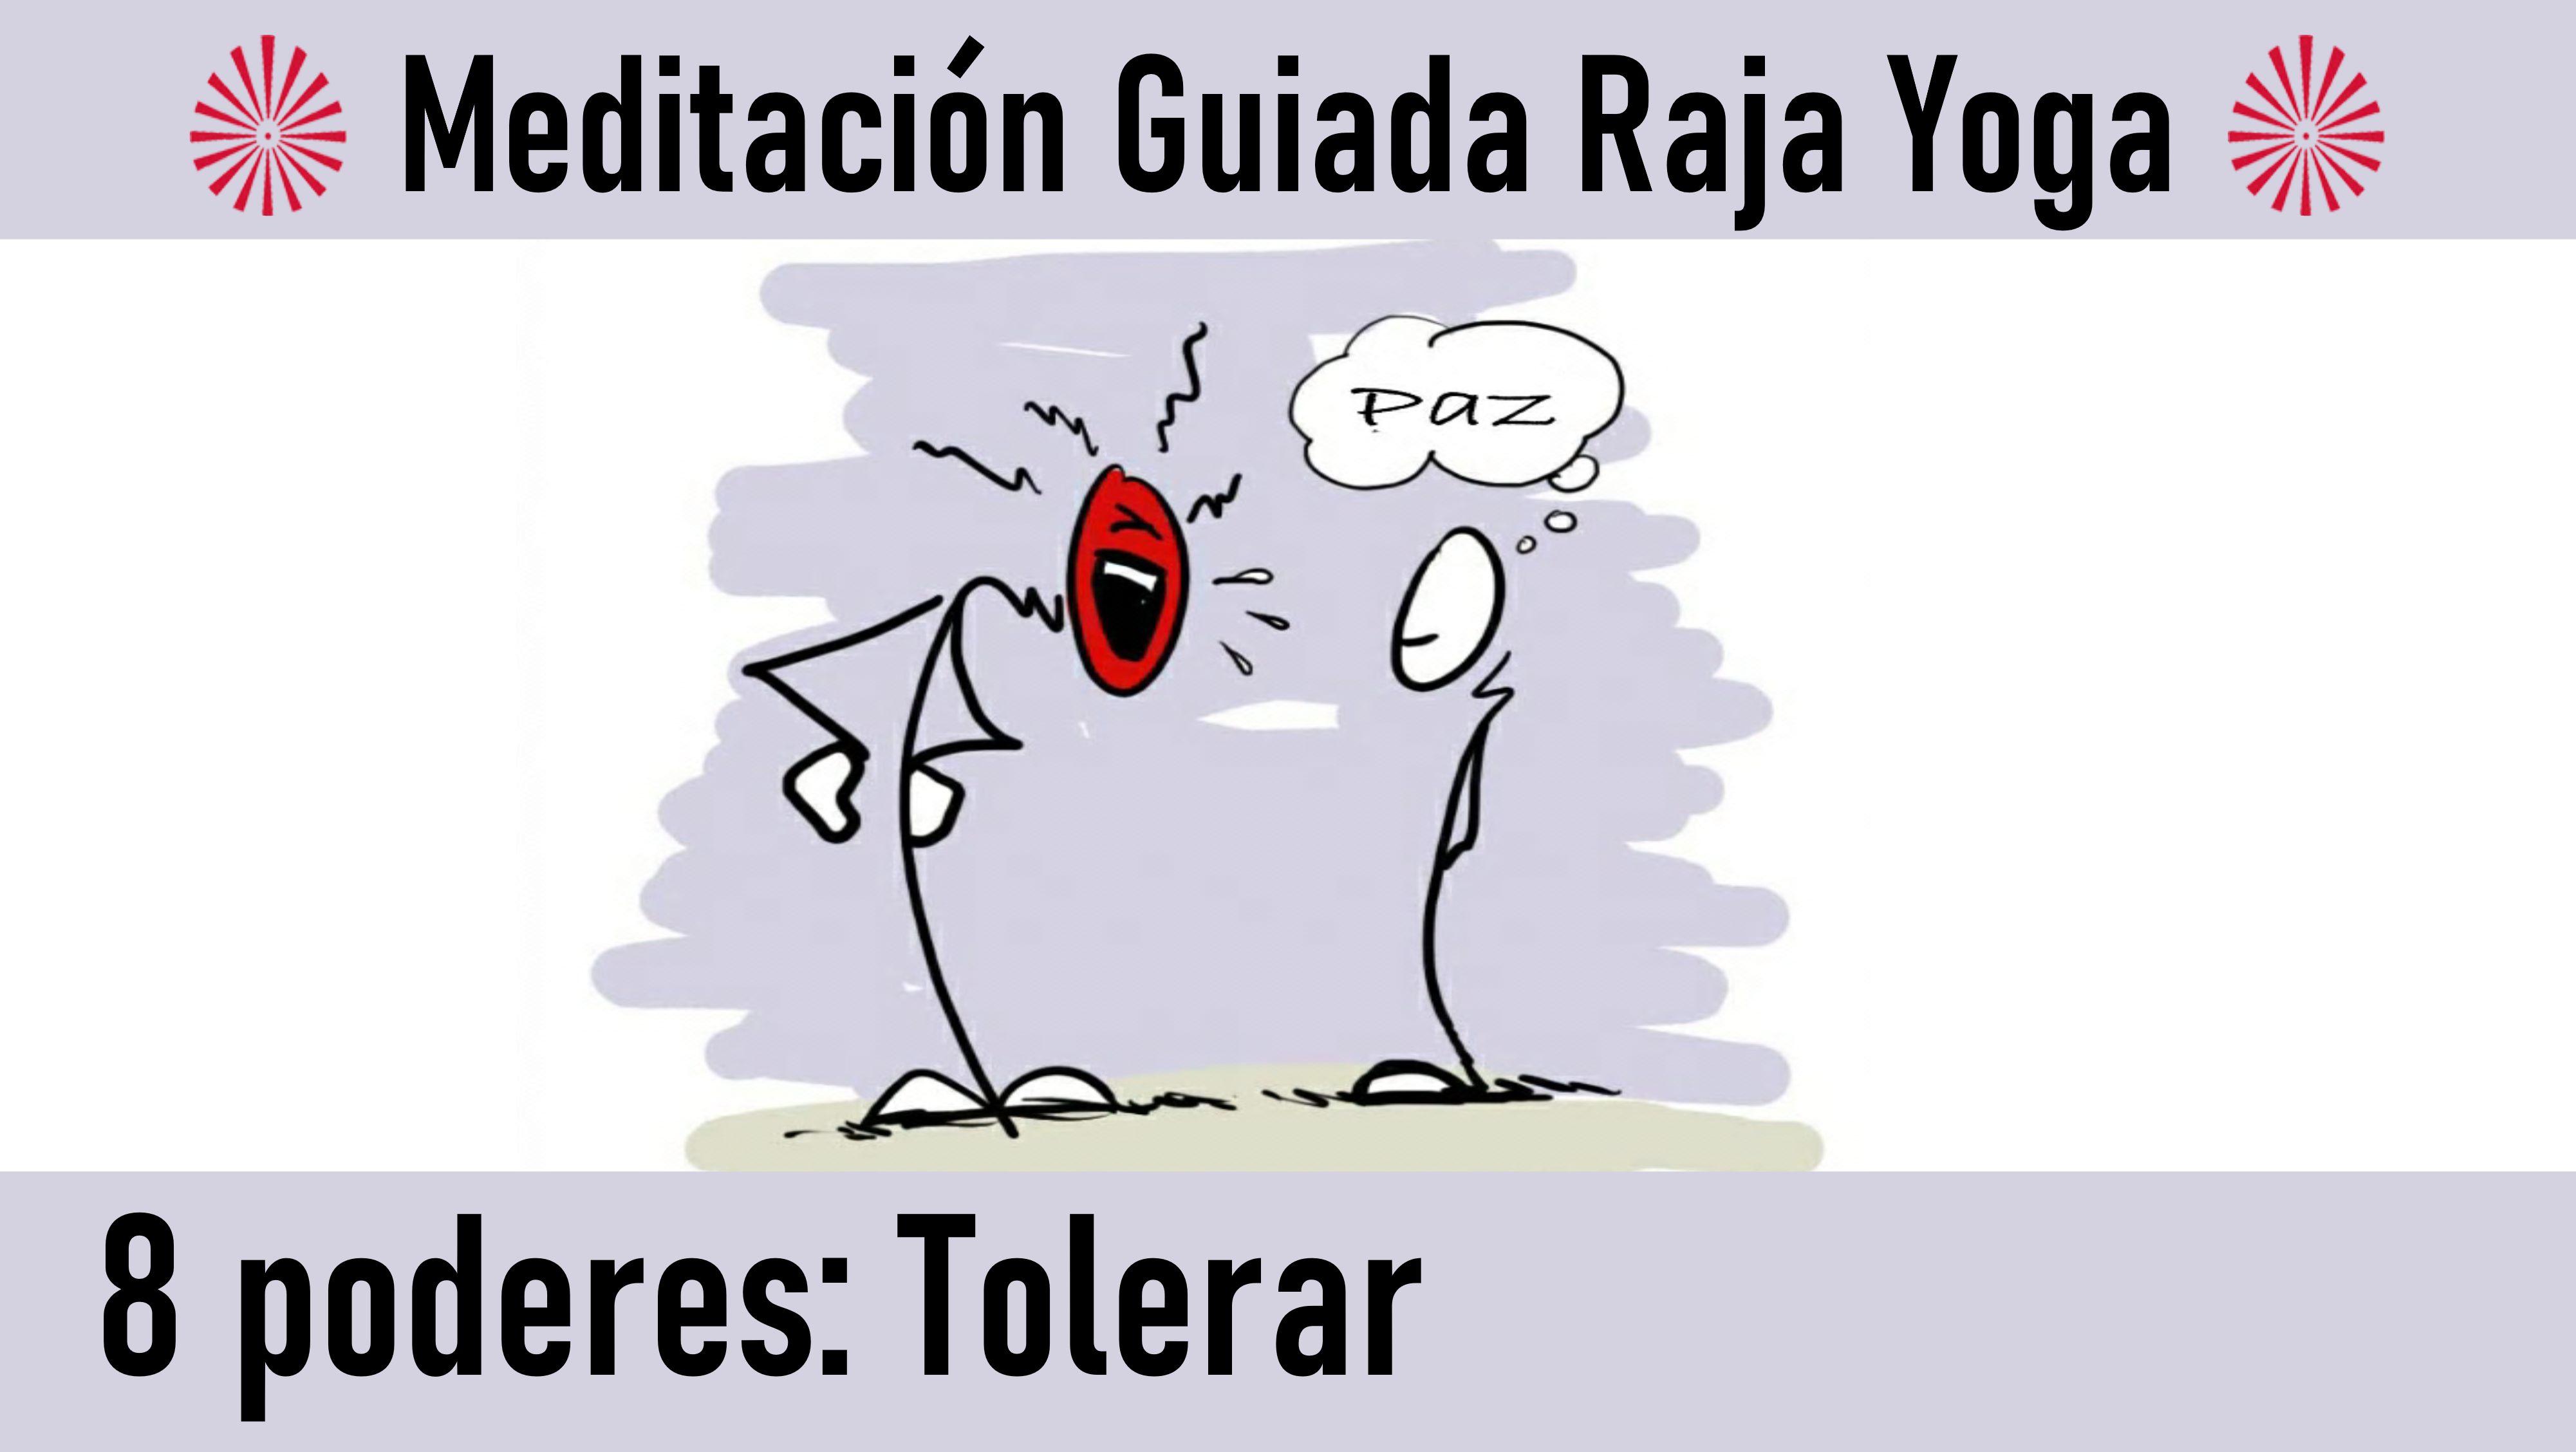 Meditación Raja Yoga. Los 8 poderes: Tolerar (23 Junio 2020) On-line desde Canarias